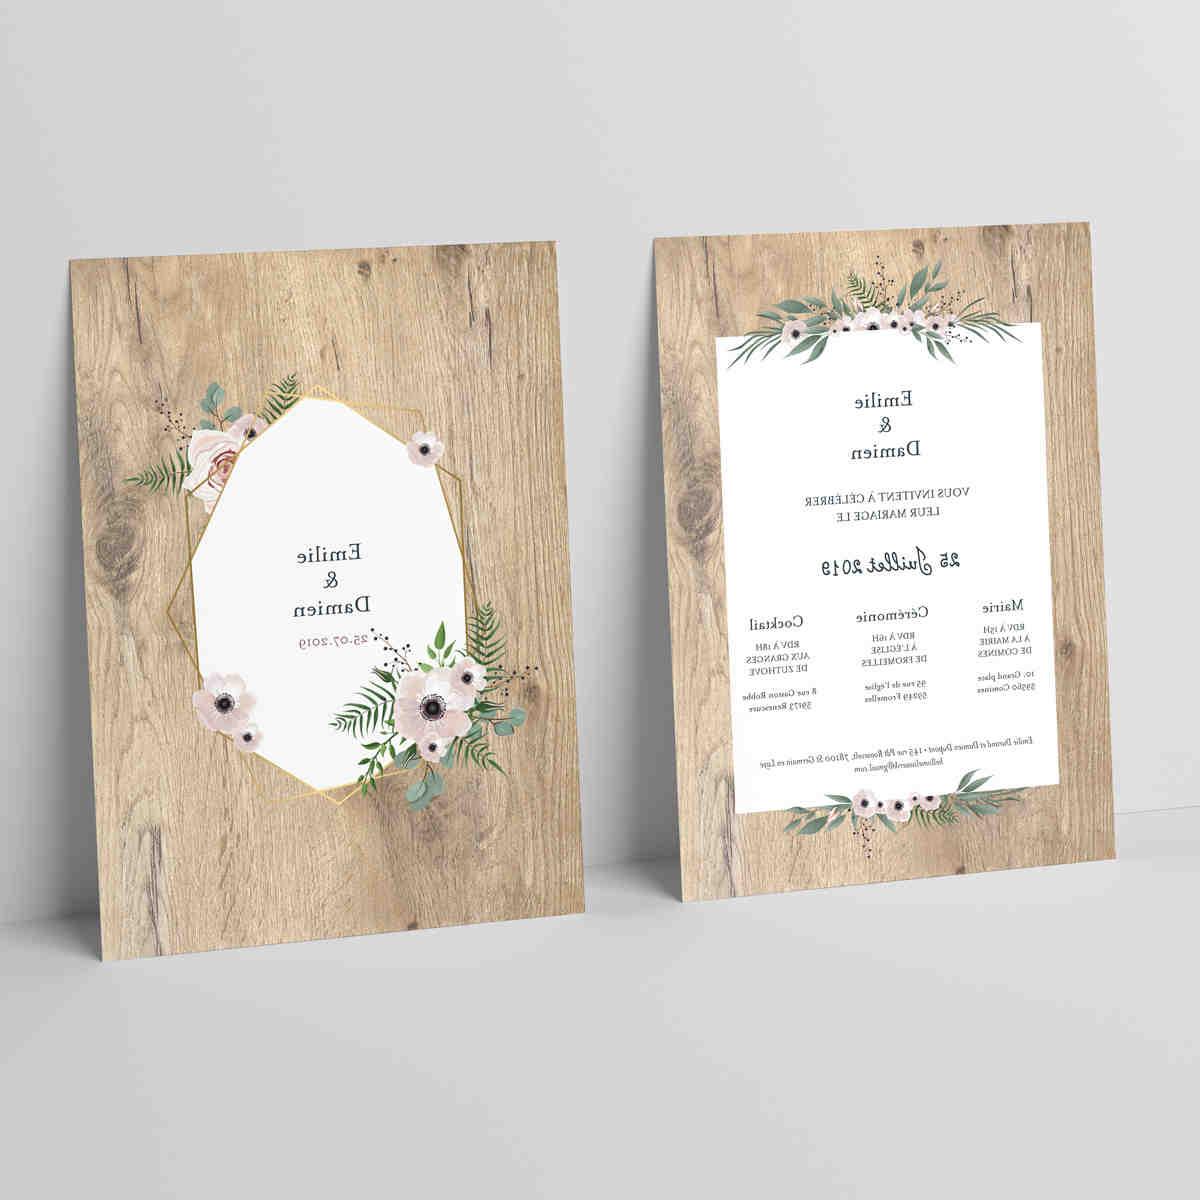 Quel est le texte de l'invitation de mariage?